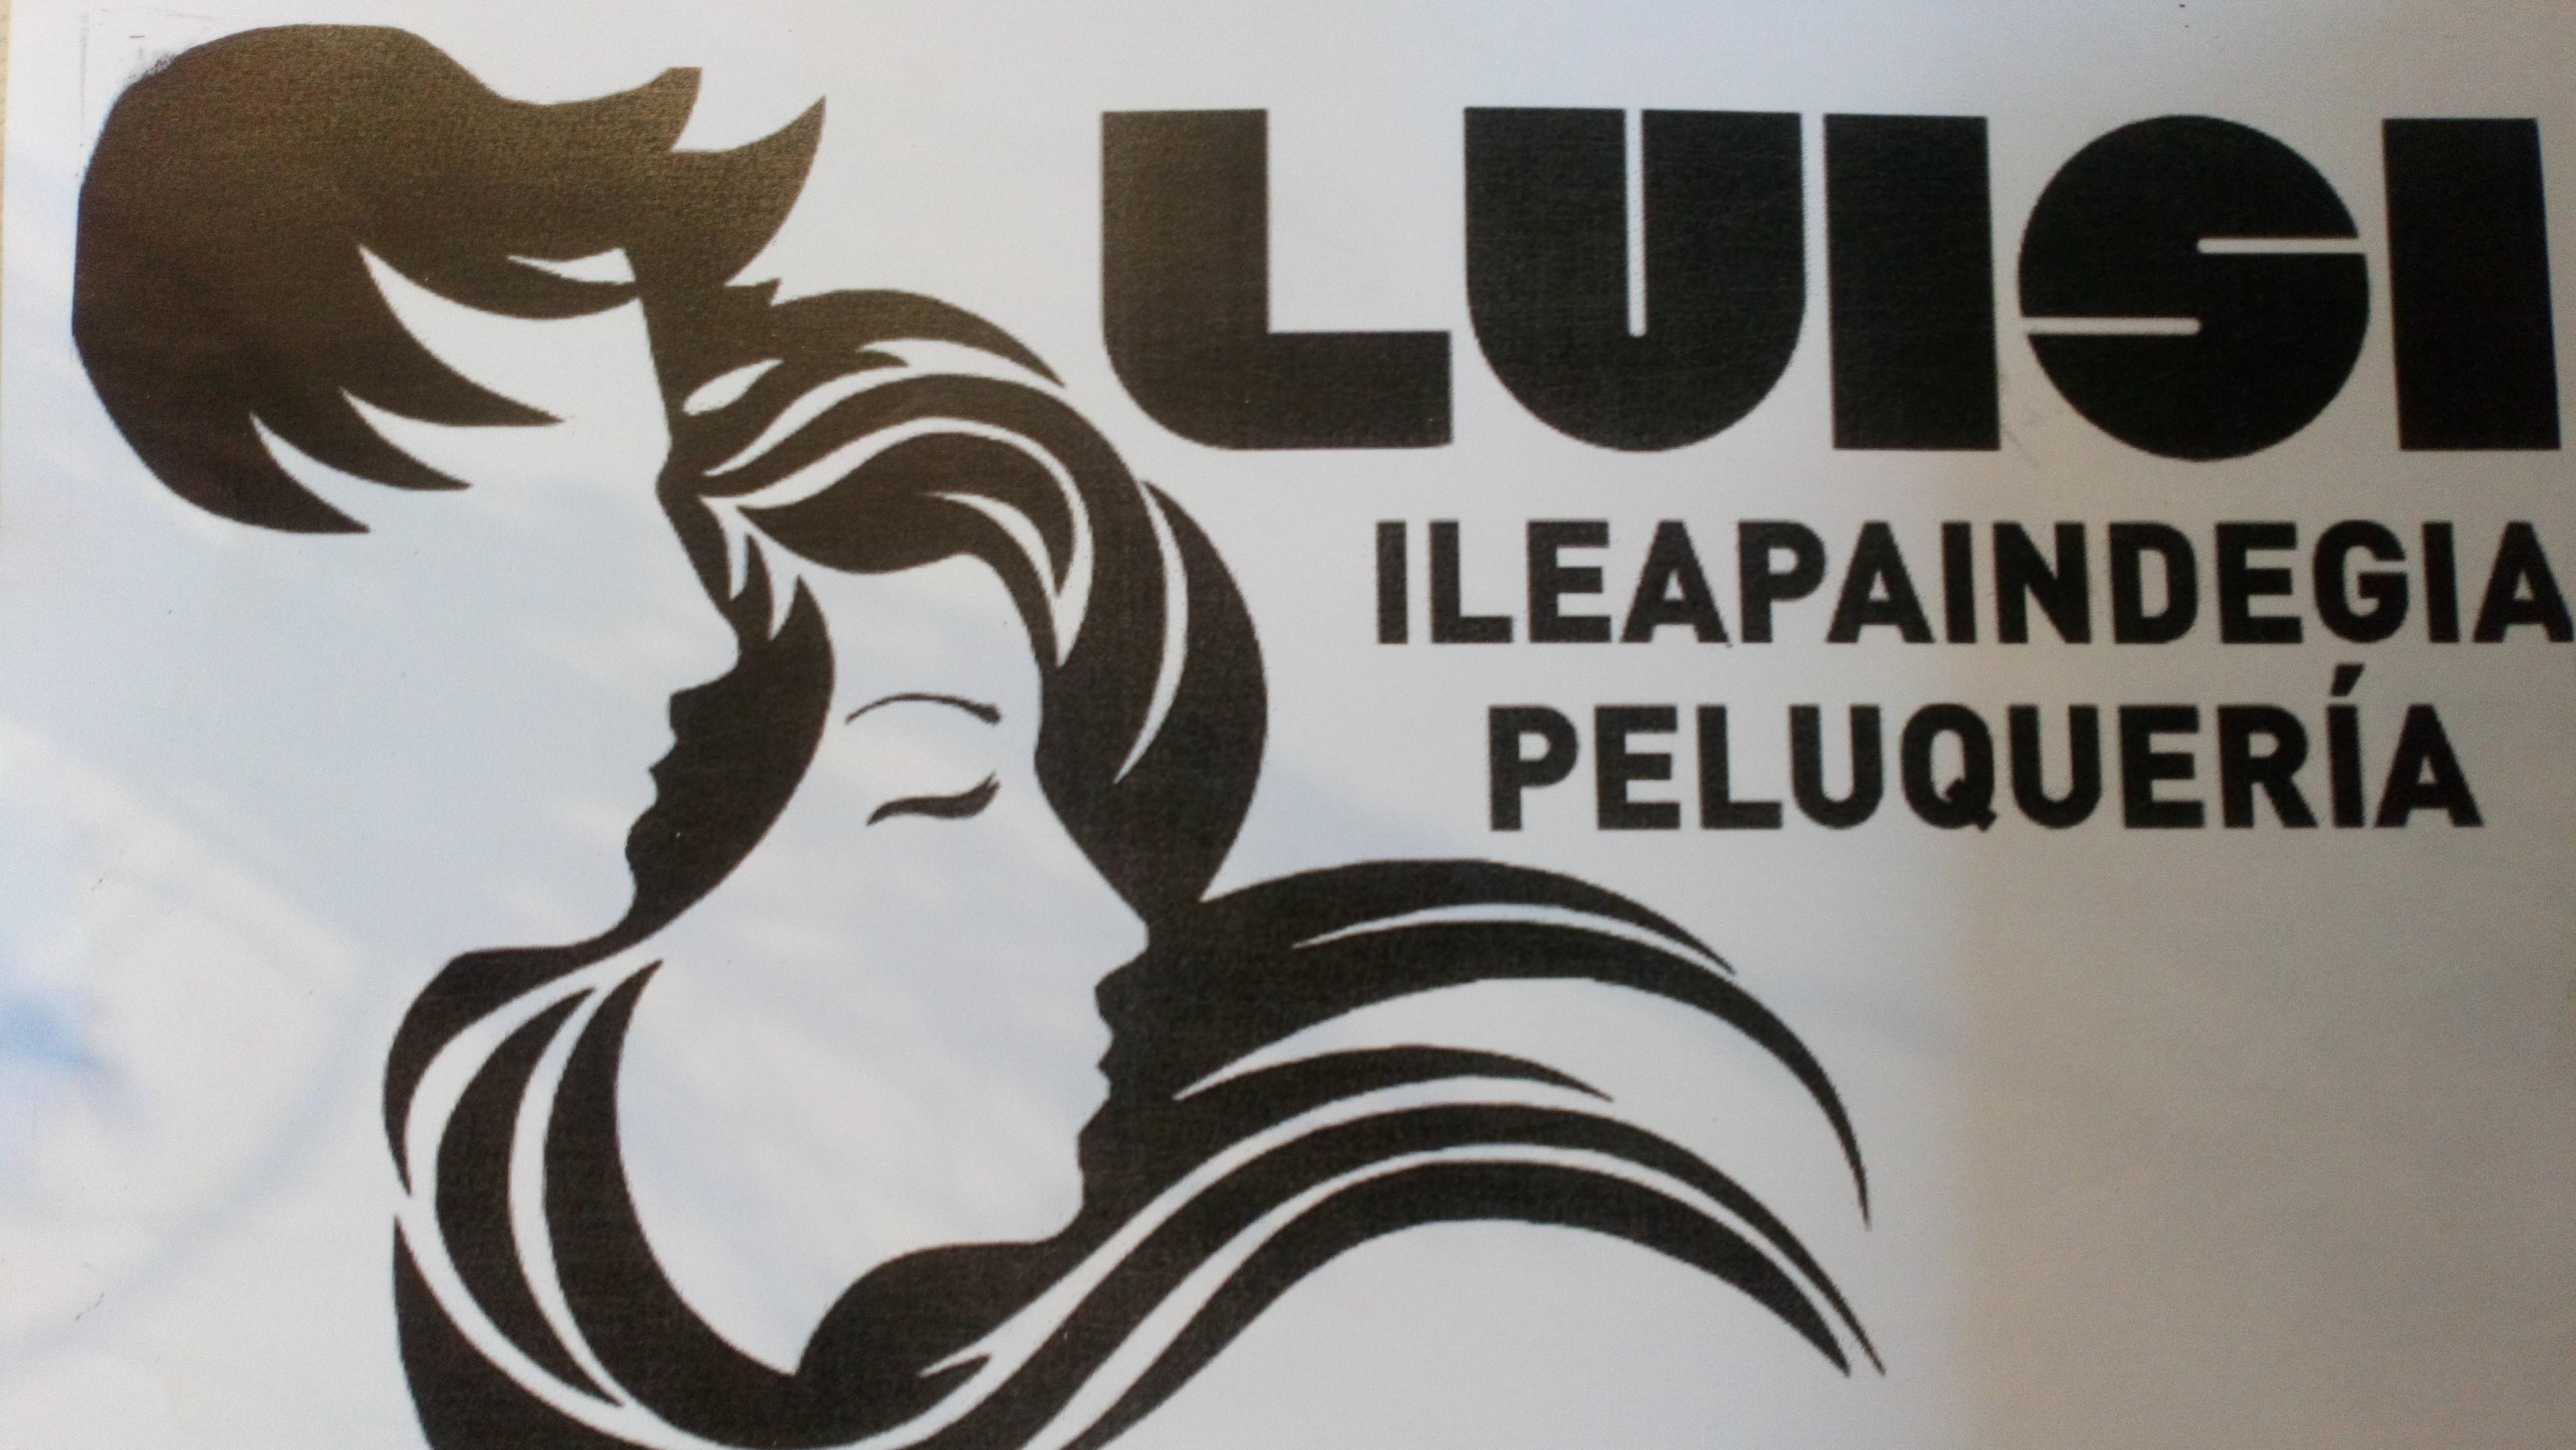 Peluqueria Luisi